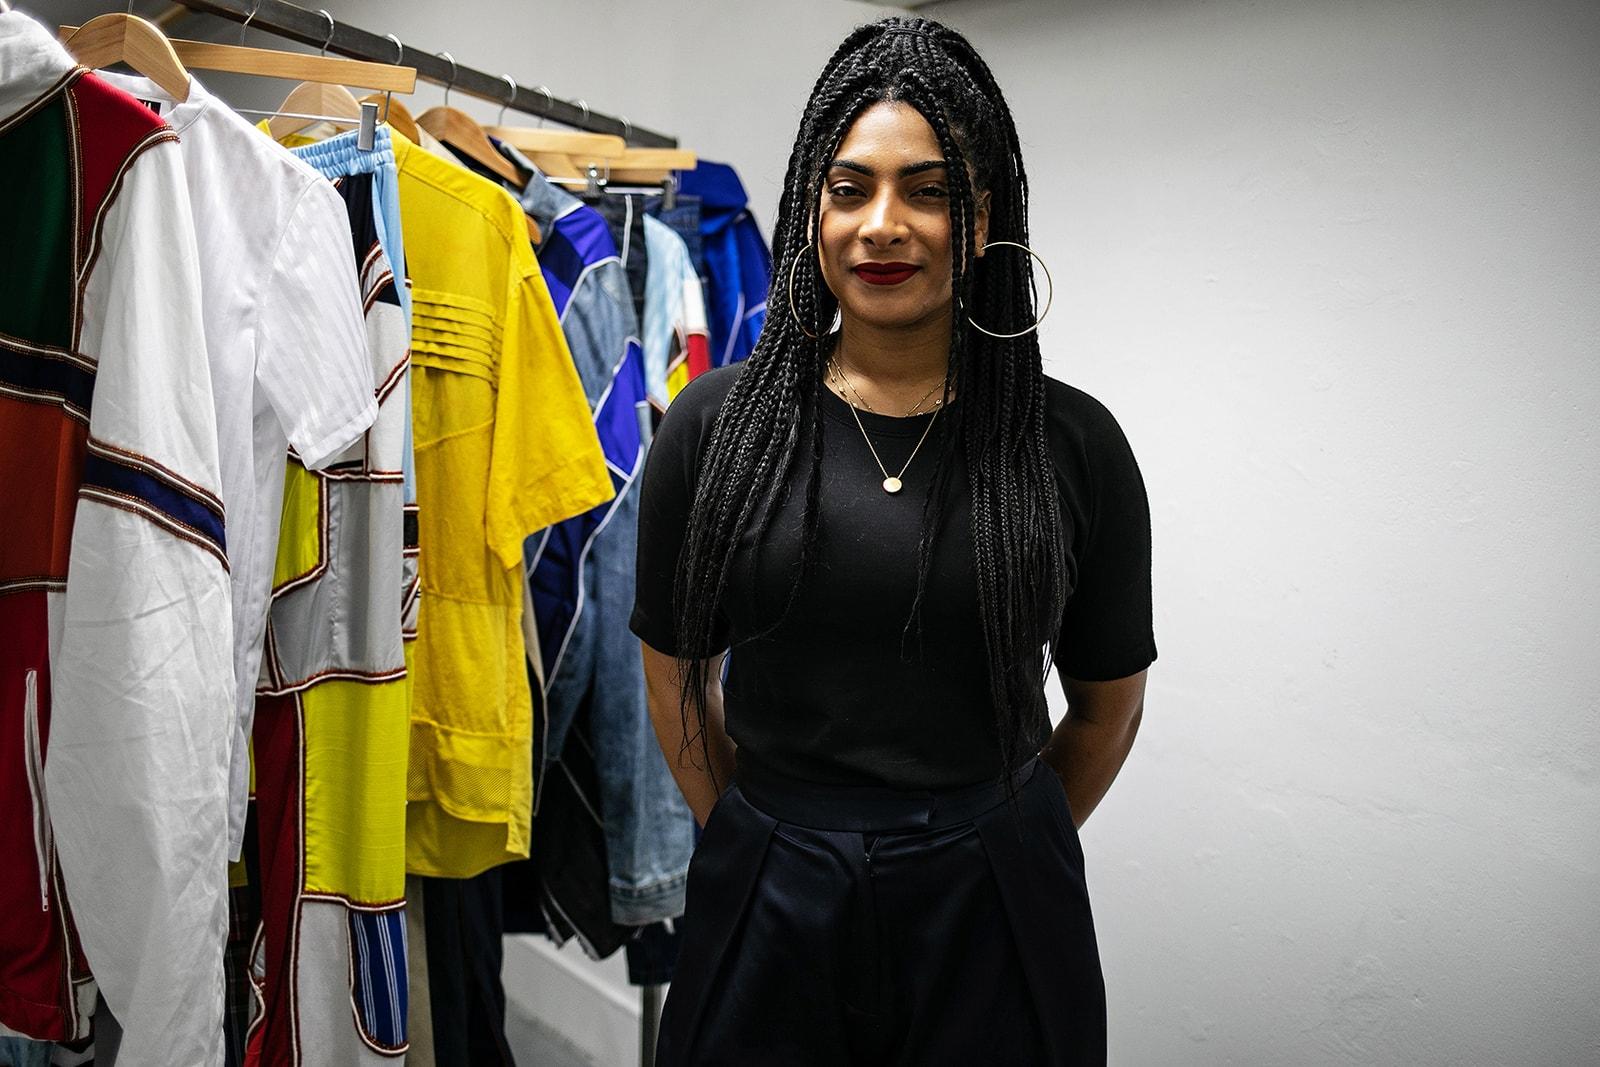 Priya Ahluwalia adidas MakerLab British Fashion Council Paris London Fashion Week AW19 Fall/Winter 2019